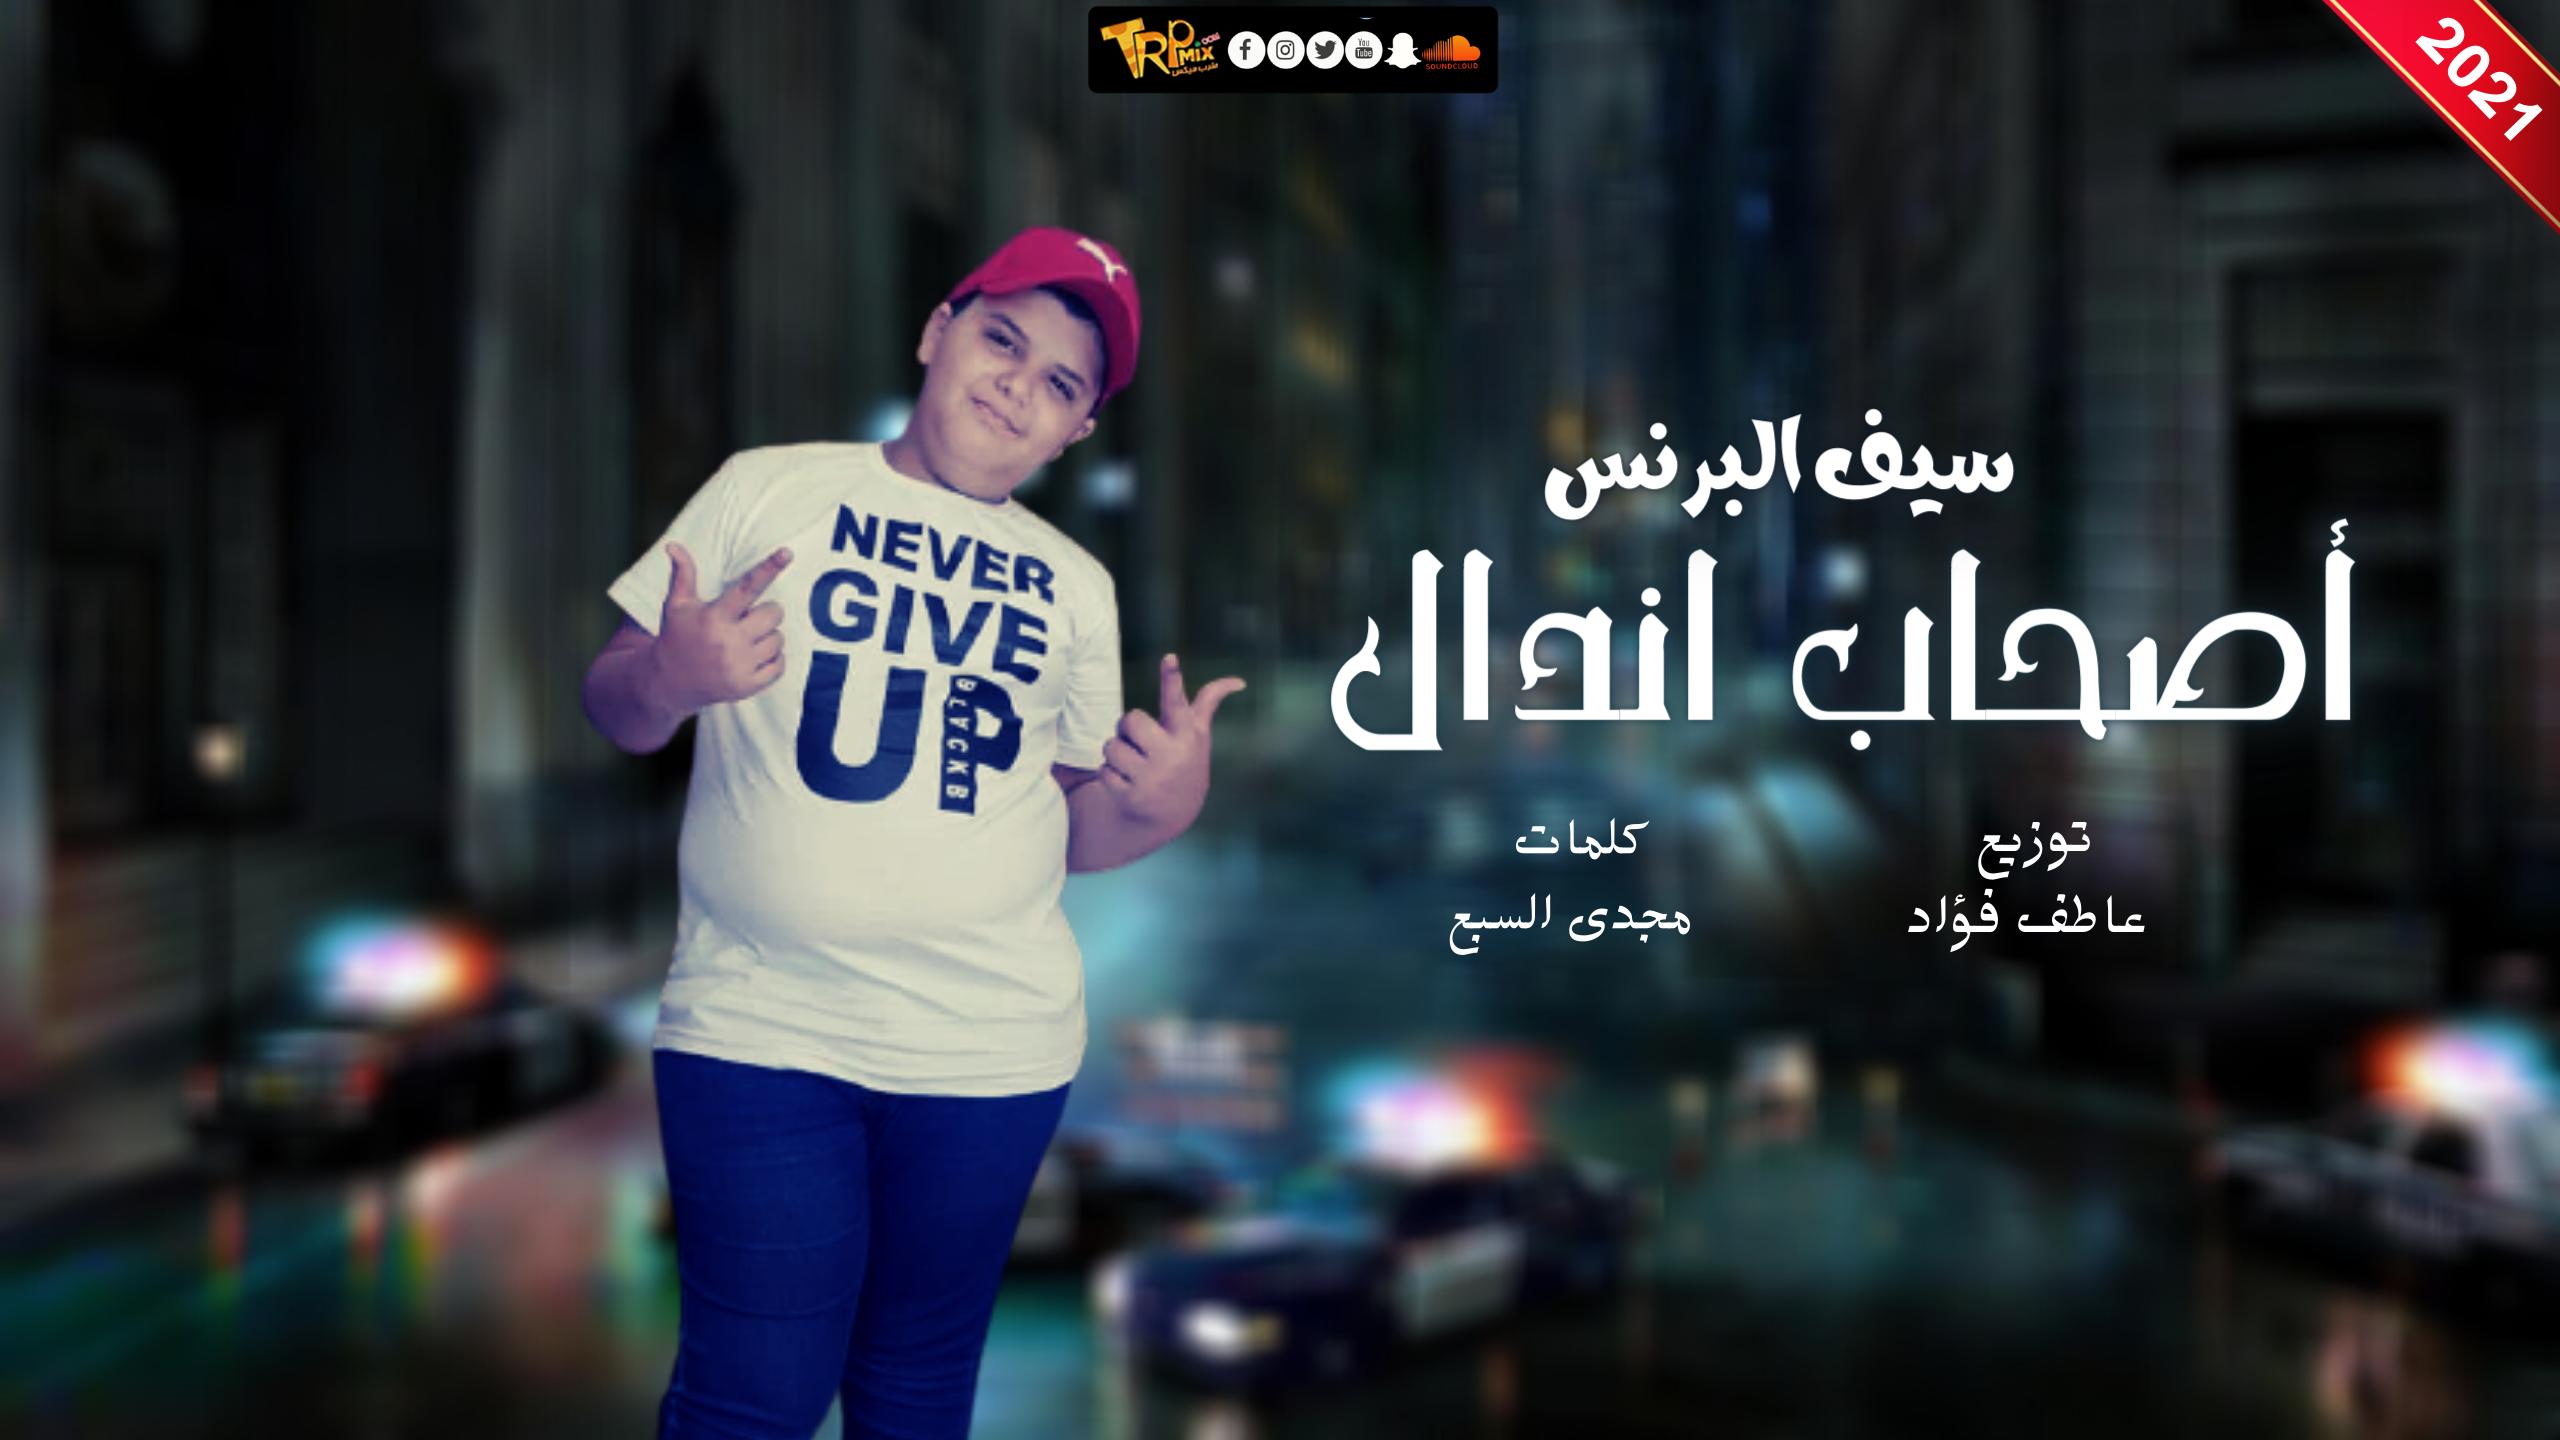 مهرجان أصحاب اندال سيف البرنس توزيع عاطف فؤاد 2021